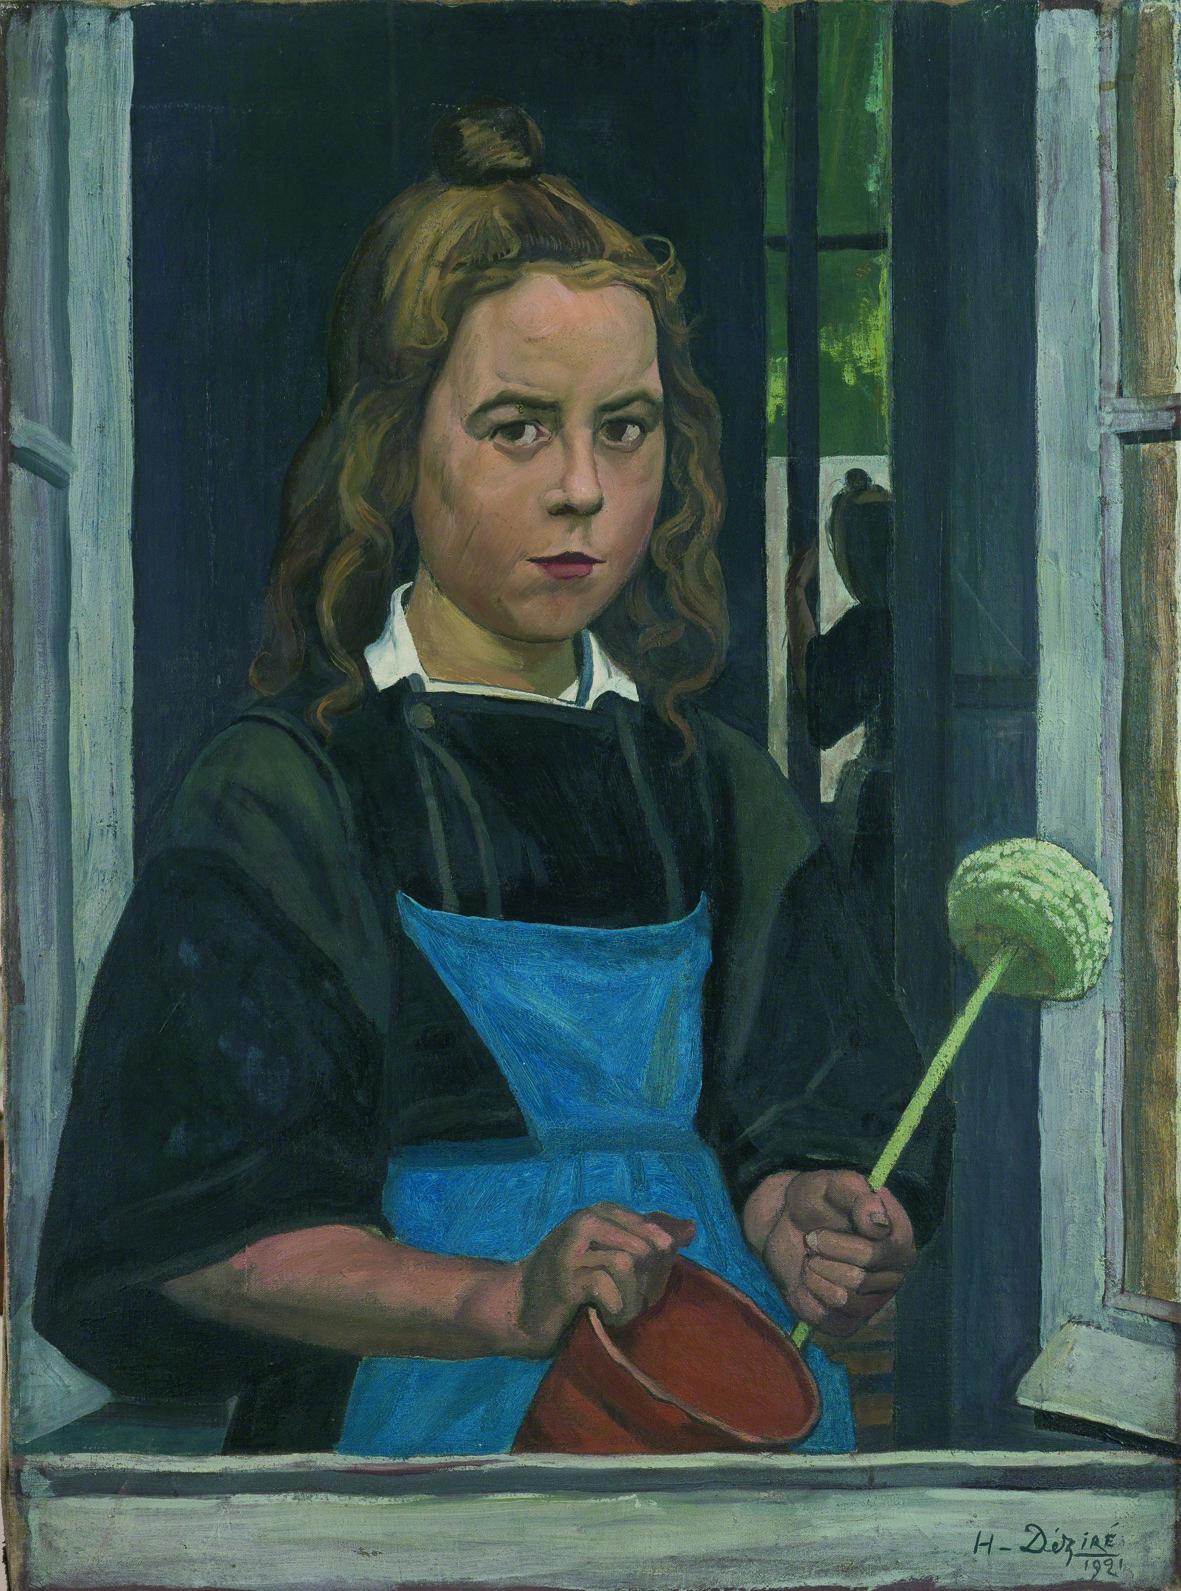 Henry DÉZIRÉ (1878-1965) Fillette à la fenêtre, 1921 Huile sur toile ; 81 x 60 cm Don de Mme Anne Raynaud-Reversat Collection musée du Faouët, n° d'inv. 2015.4.1.5.1 © Musée du Faouët, 2017 - Photo P.-Y Le Meur